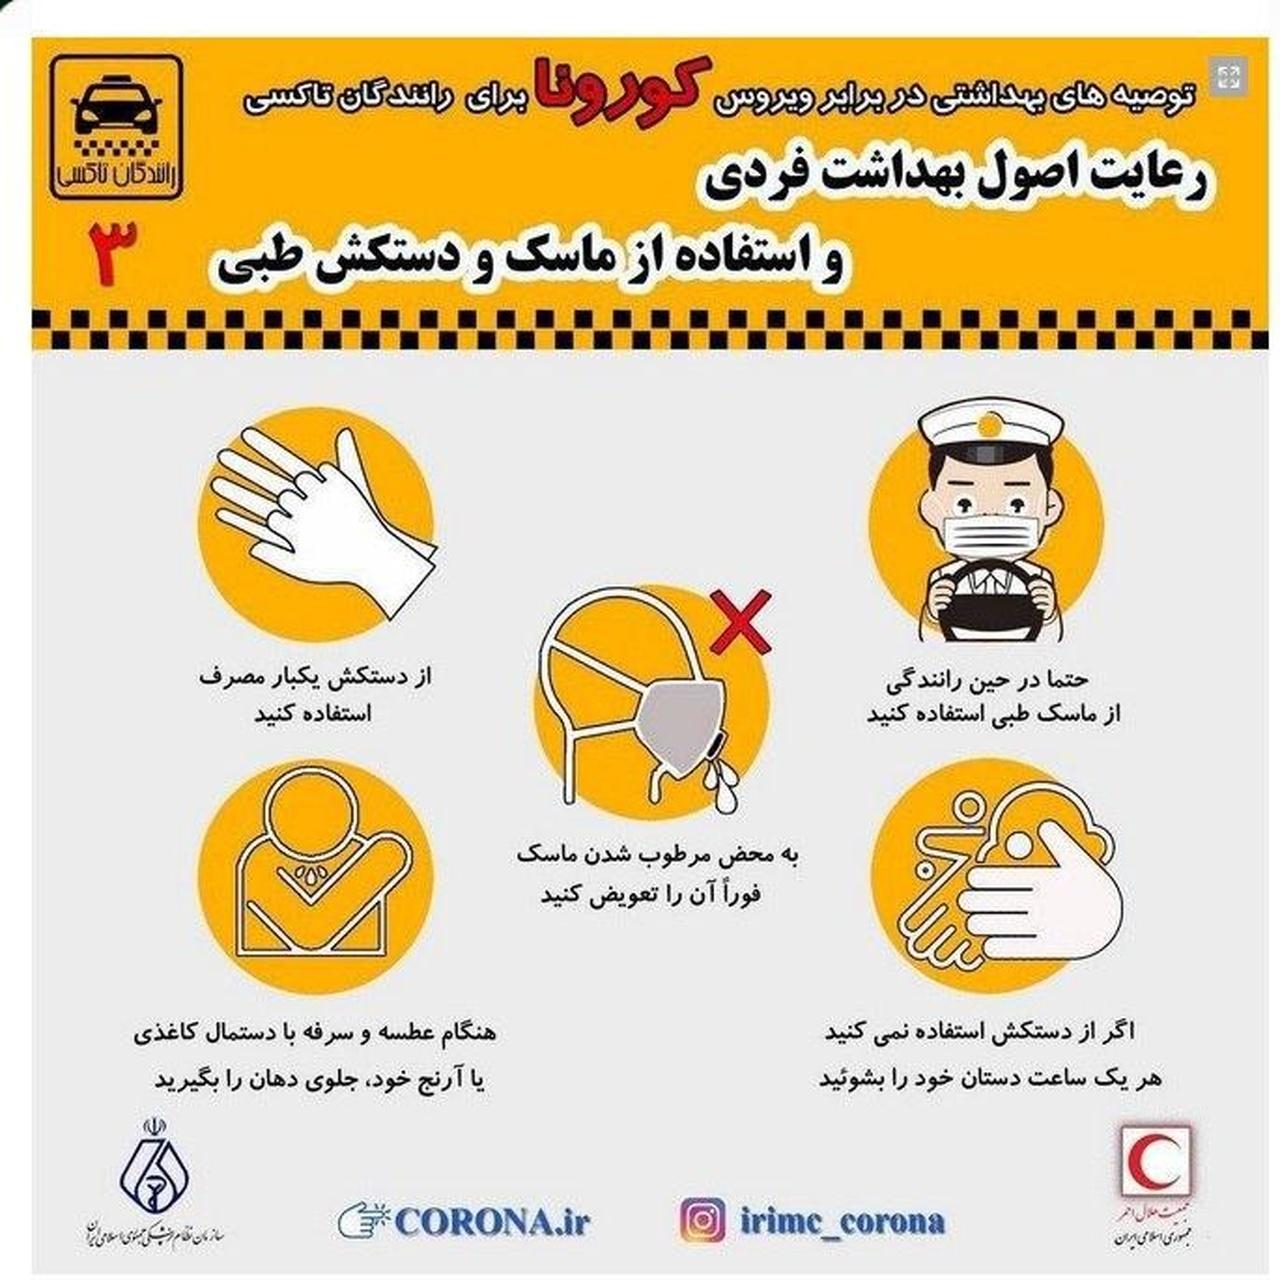 استفاده از ماسک و دستکش